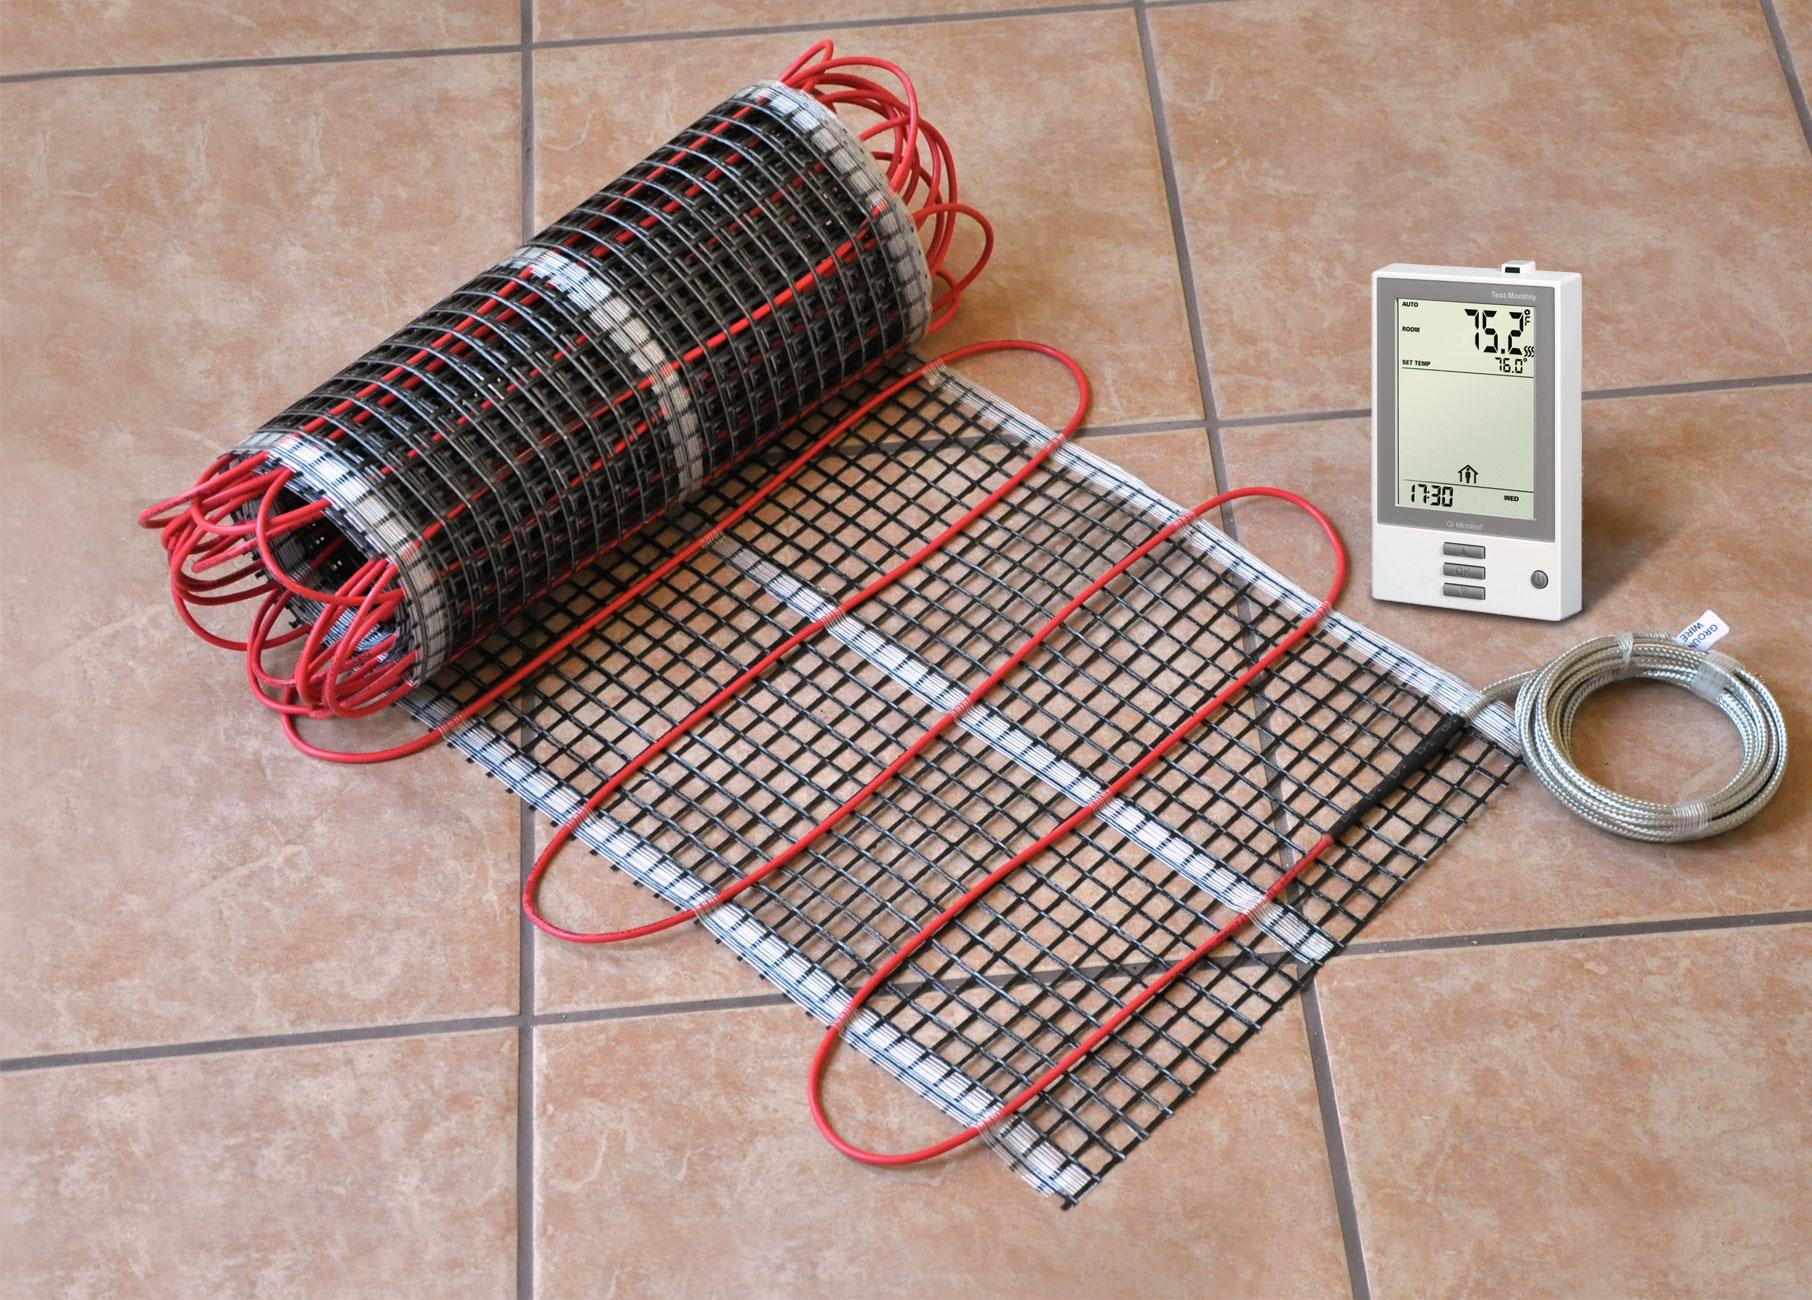 Теплый пол под линолеум с терморегулятором